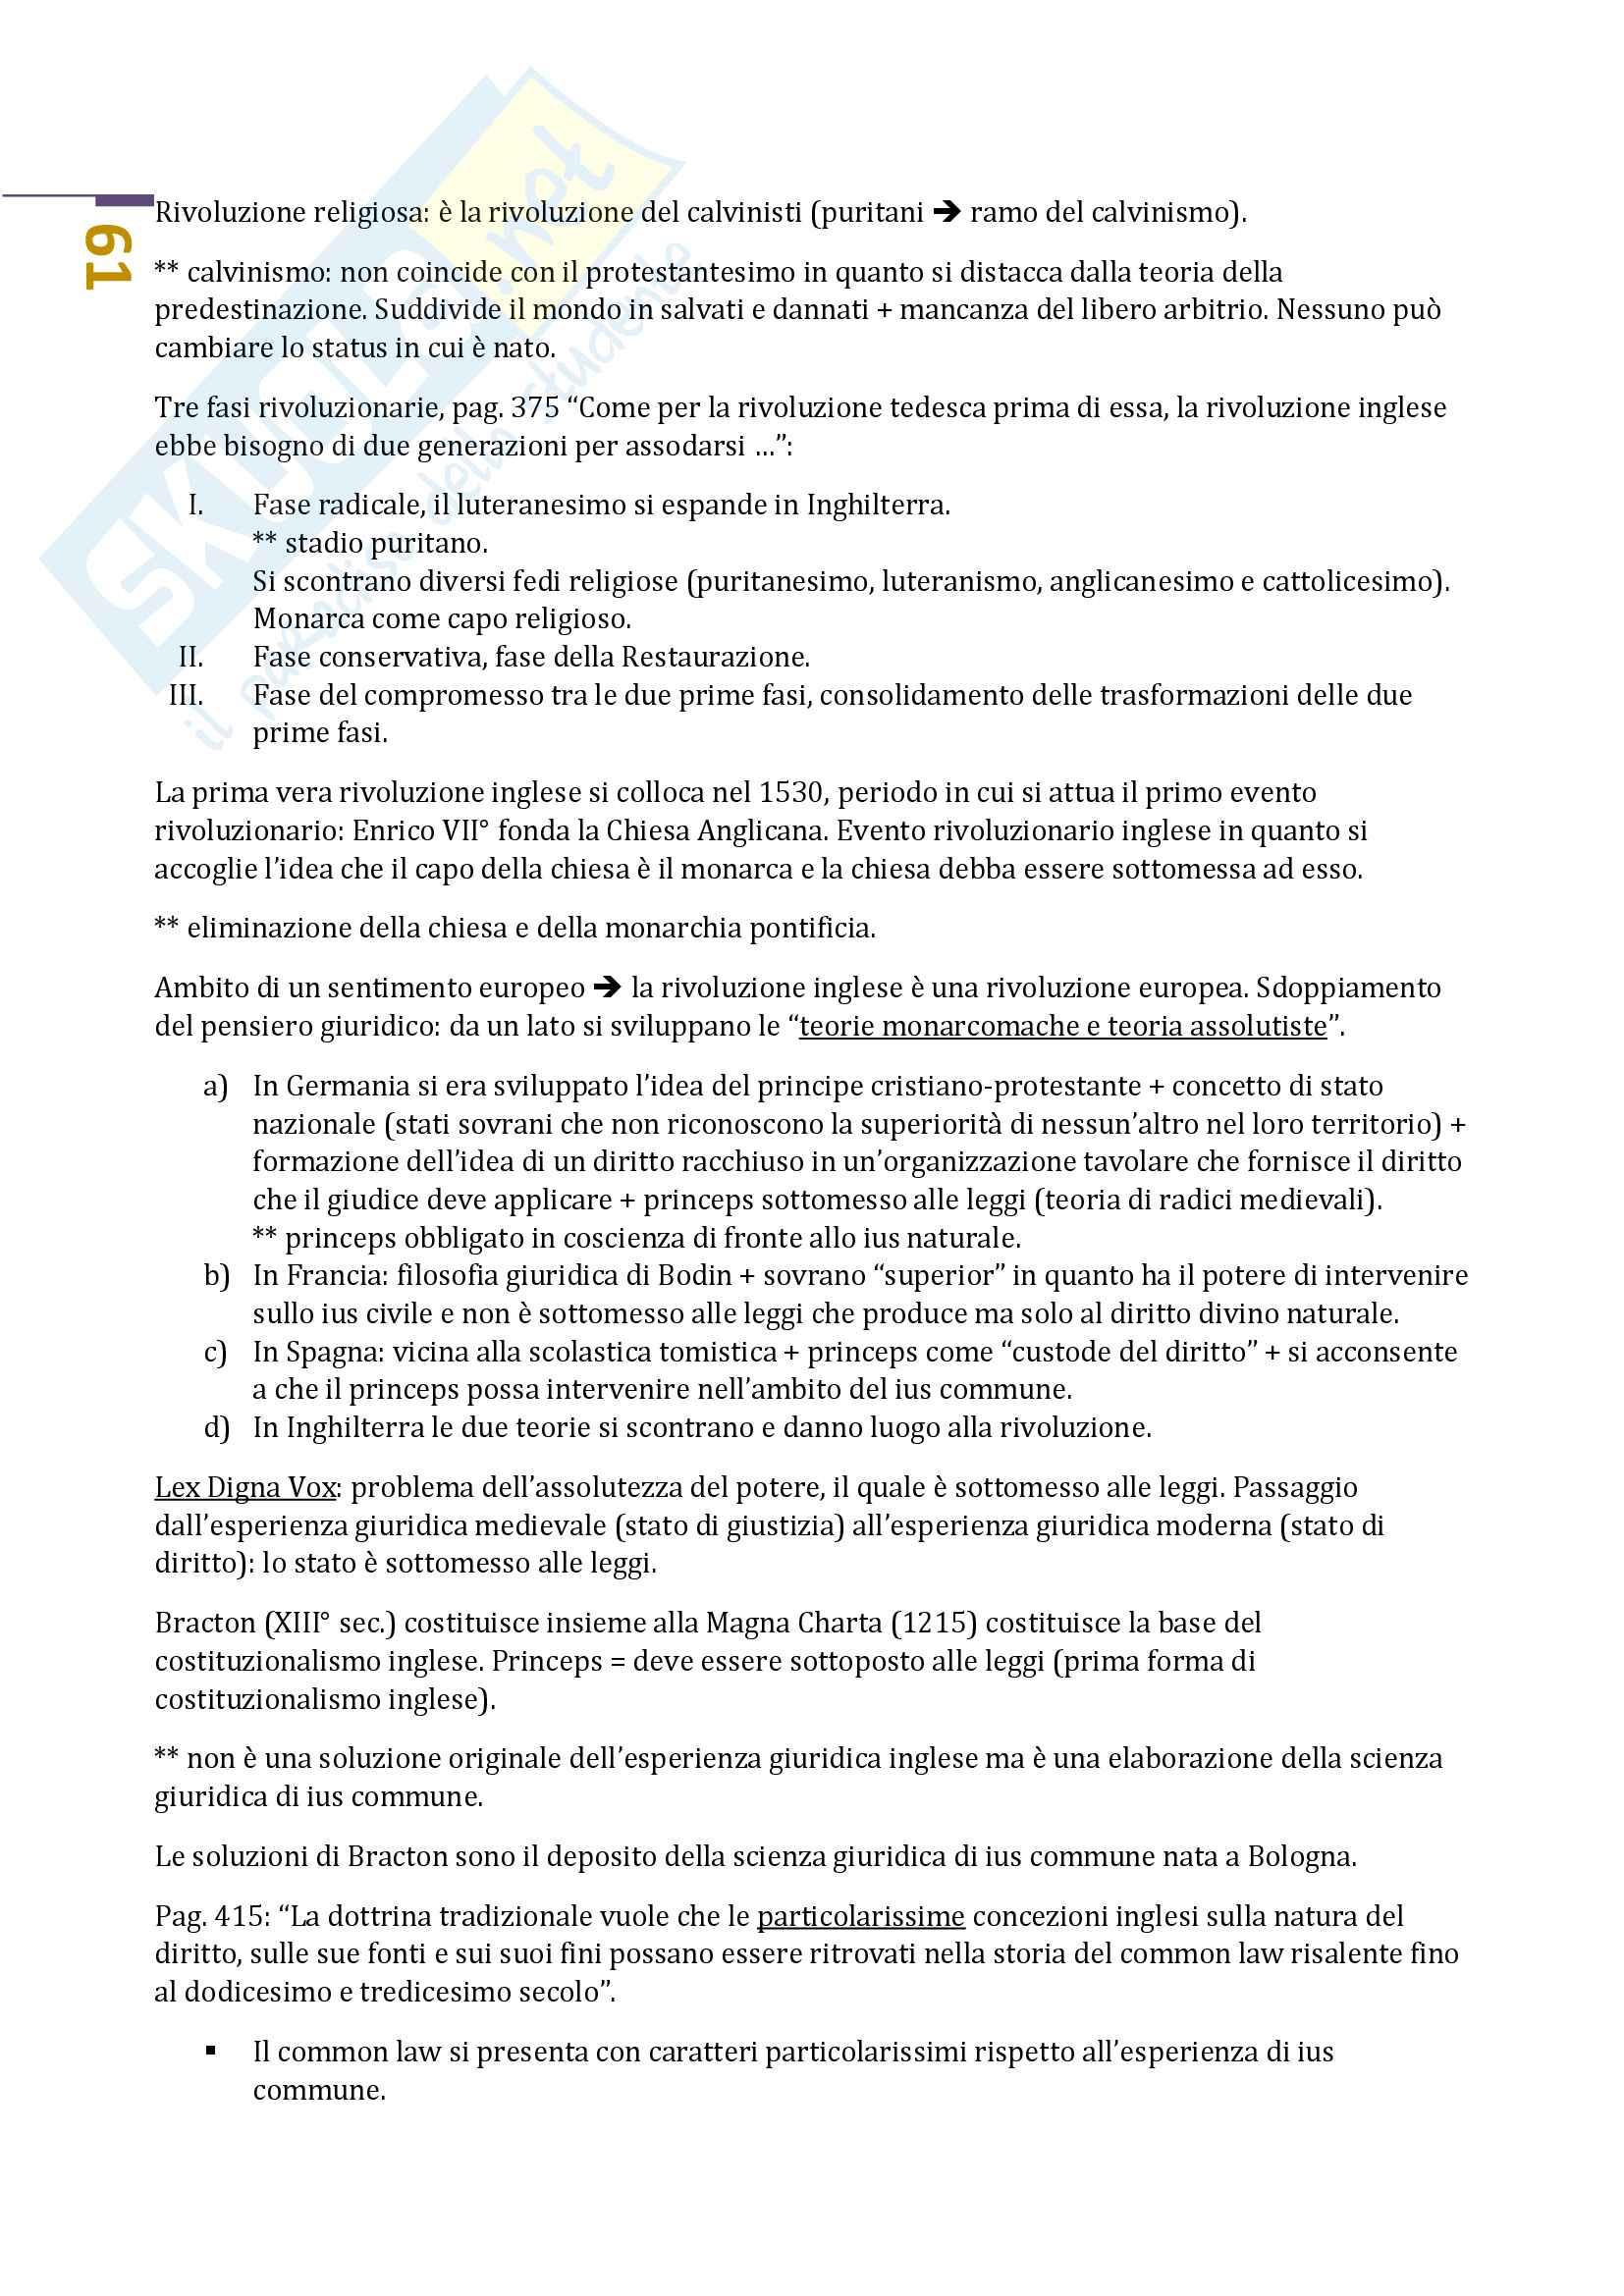 Storia del diritto medievale e moderno 1 Prof.ssa Natalini (Unitn). Pag. 61